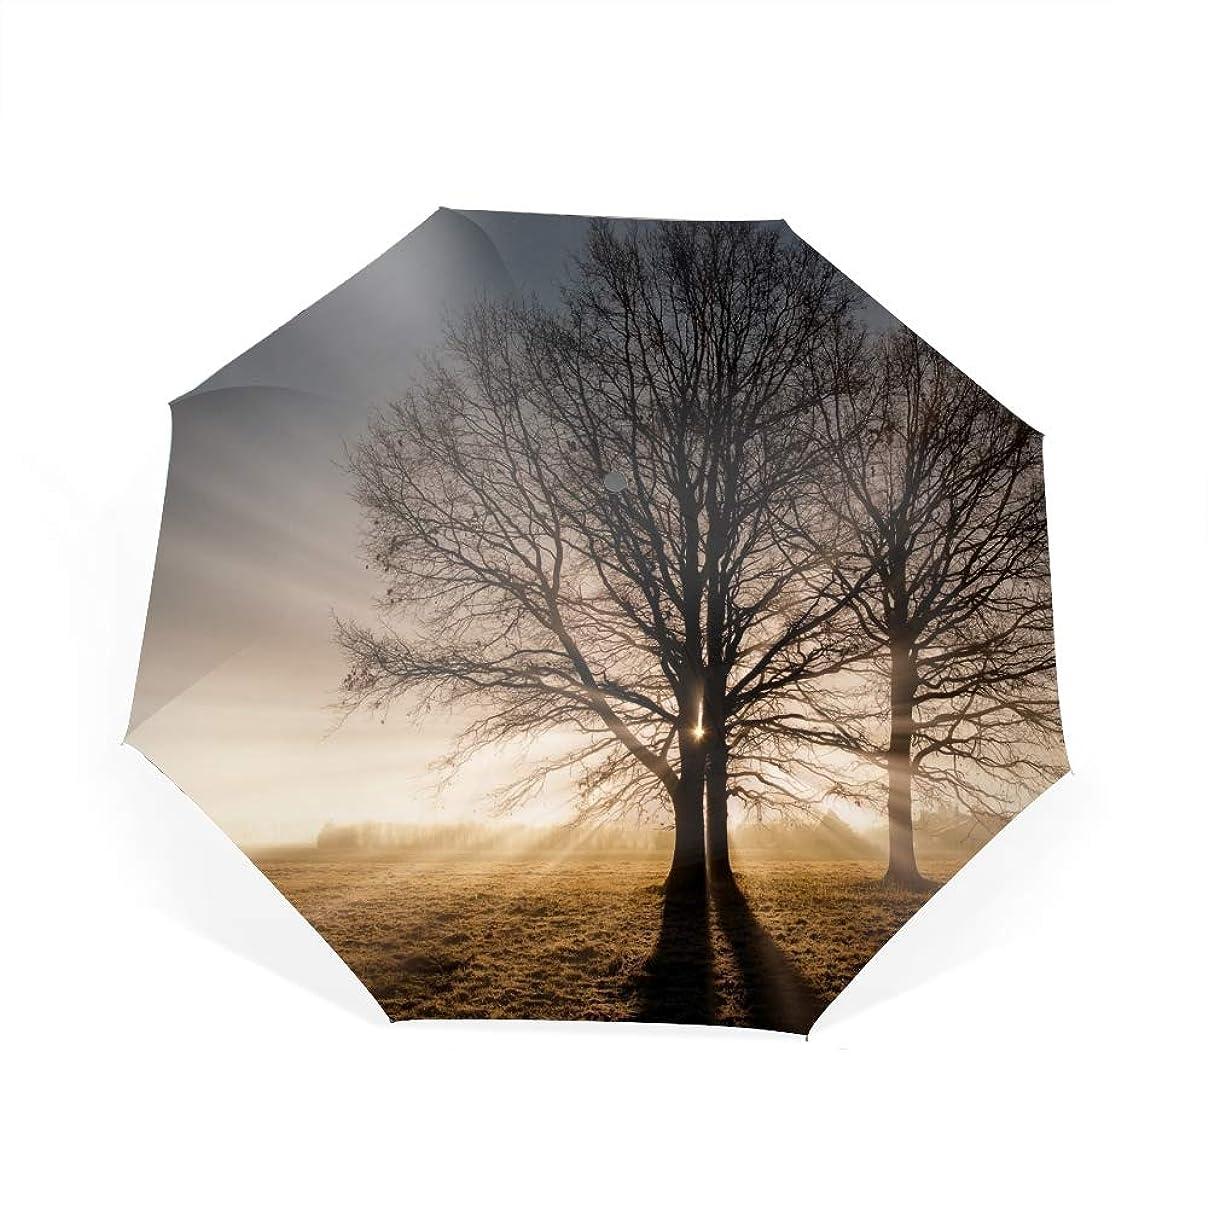 赤面鉄道駅ラメ遮光率100% 遮蔽率100% 超撥水 耐風骨 晴雨兼用傘 大きめ サンビームツリーフィールド折りたたみ傘